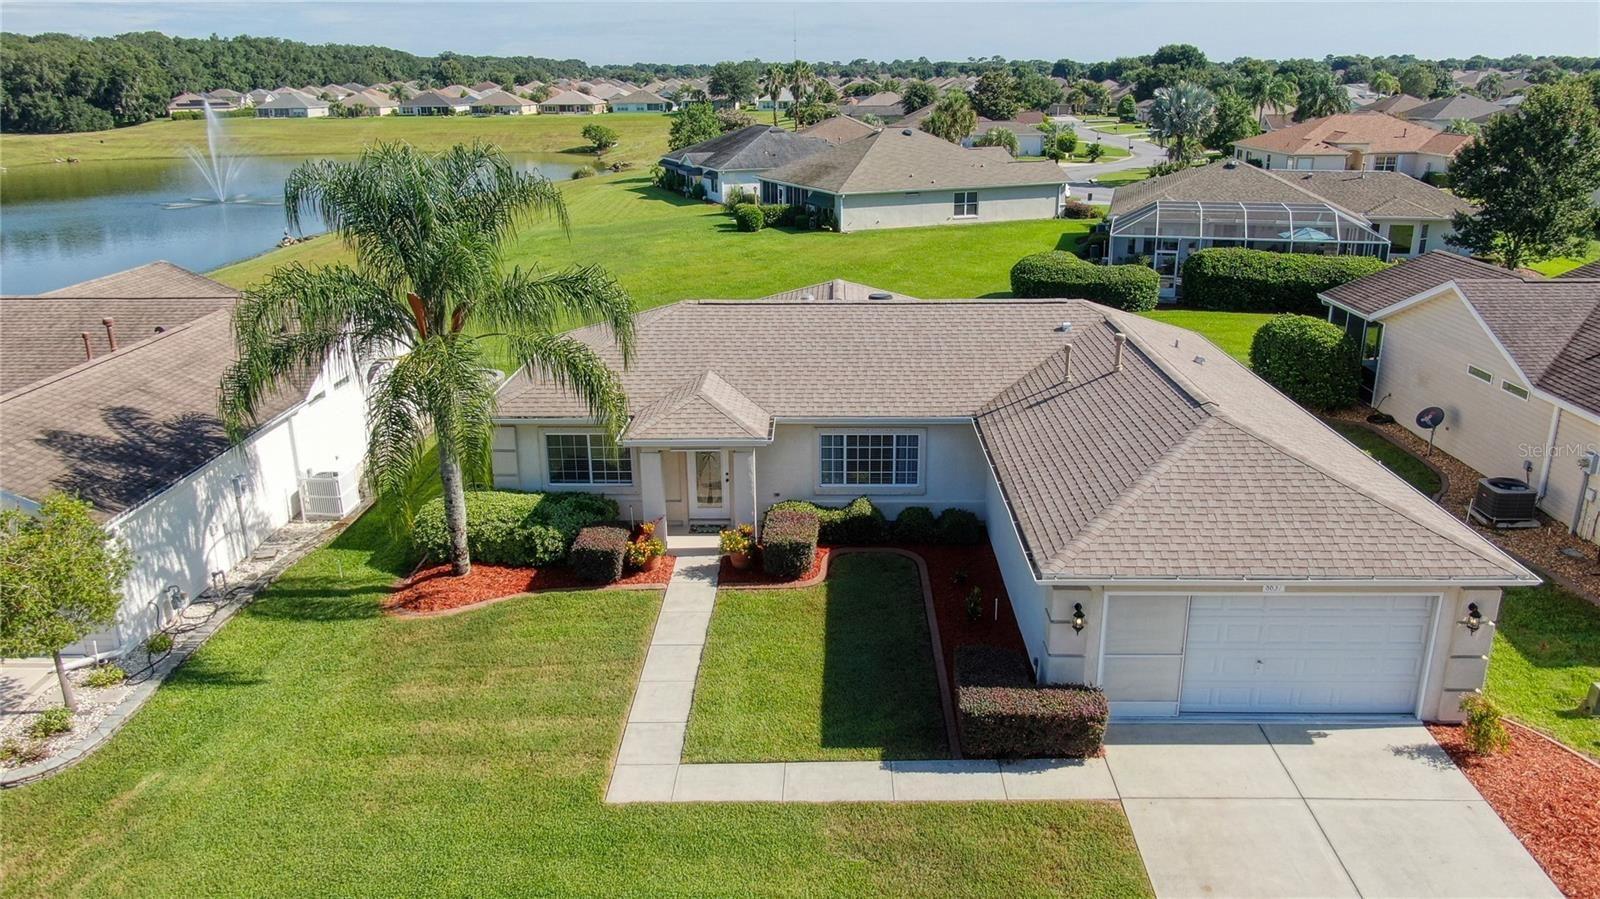 8637 SE 137TH LOOP, Summerfield, FL 34491 - #: G5044254